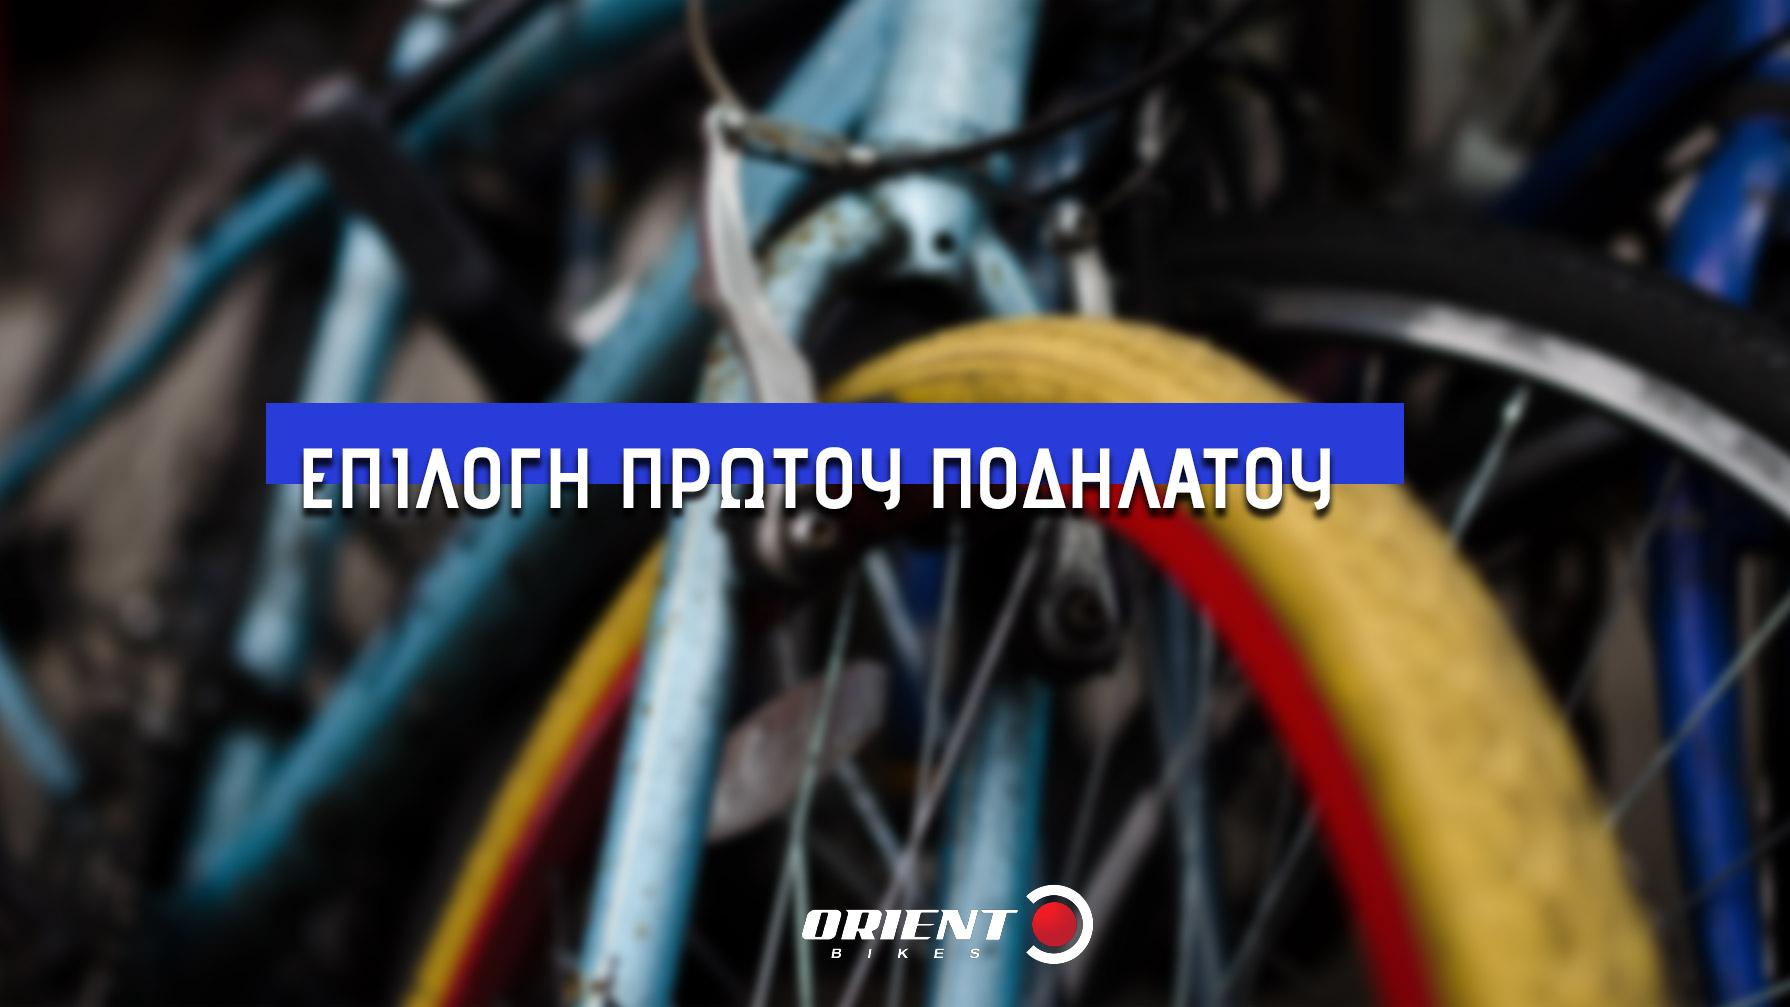 Οι καλύτερες επιλογές για το πρώτο σου ποδήλατο! article cover image